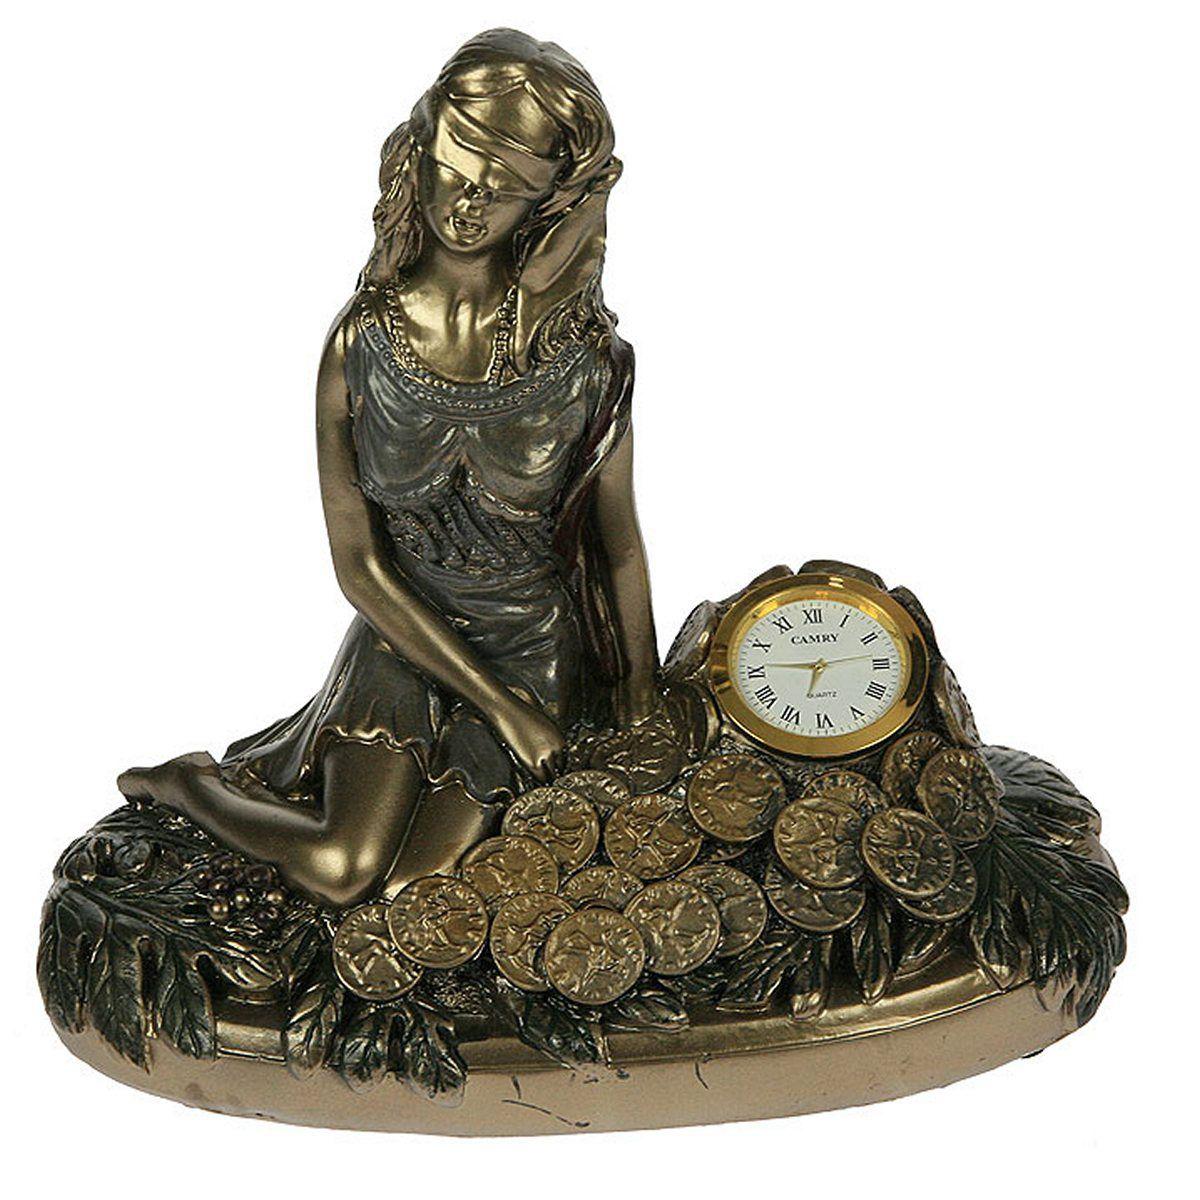 Часы настольные Русские Подарки Римская богиня счастья и удачи - Фортуна, 25 х 14 х 22 см. 5934494672Настольные кварцевые часы Русские Подарки Римская богиня счастья и удачи - Фортуна изготовлены из полистоуна, циферблат защищен стеклом. Часы имеют три стрелки - часовую, минутную и секундную.Изящные часы красиво и оригинально оформят интерьер дома или рабочий стол в офисе. Также часы могут стать уникальным, полезным подарком для родственников, коллег, знакомых и близких.Часы работают от батареек типа АА (в комплект не входят).